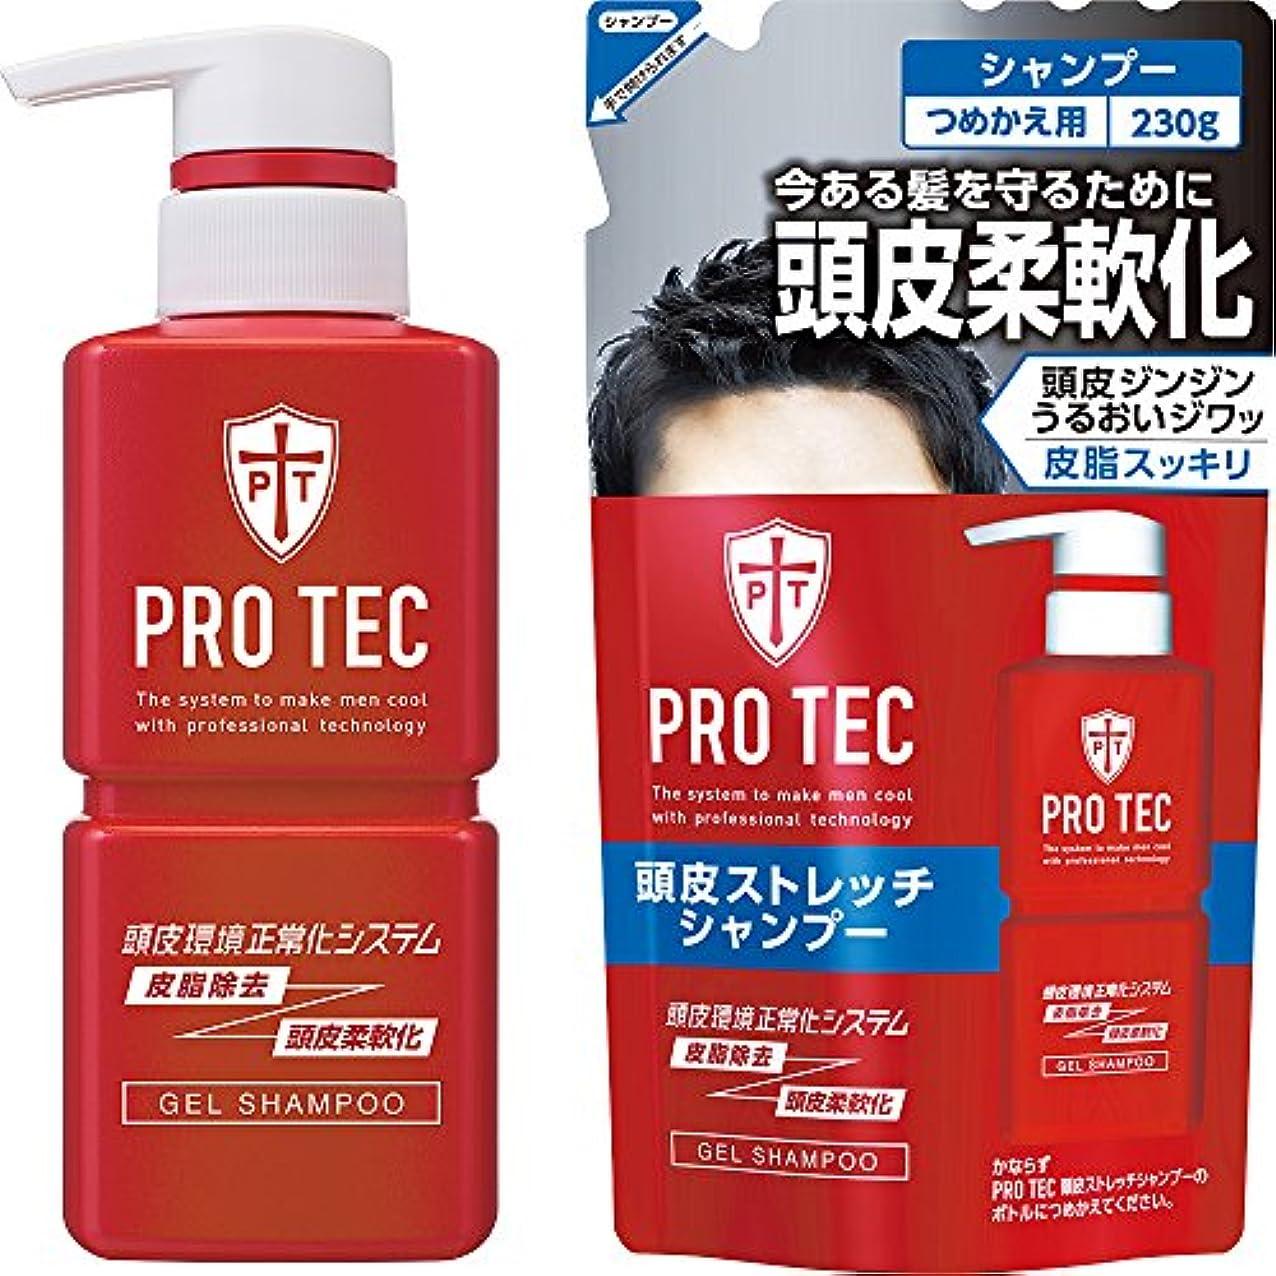 予備原因傾向PRO TEC(プロテク) 頭皮ストレッチシャンプー 本体ポンプ300g+詰め替え230g セット(医薬部外品)